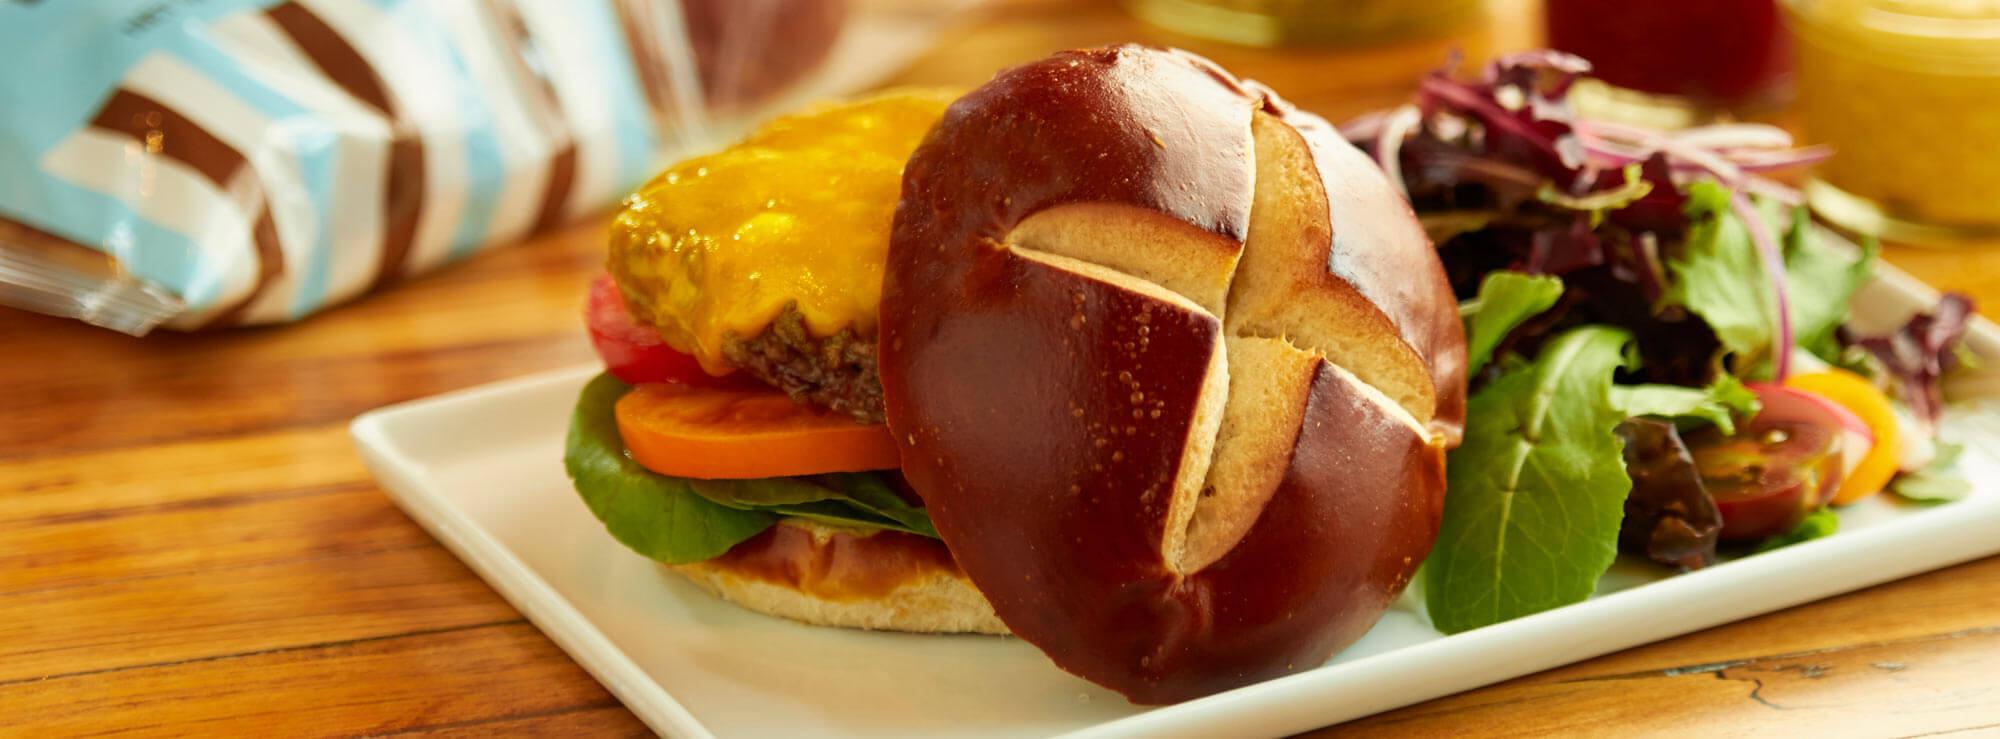 Pretzel Hamburger Bun